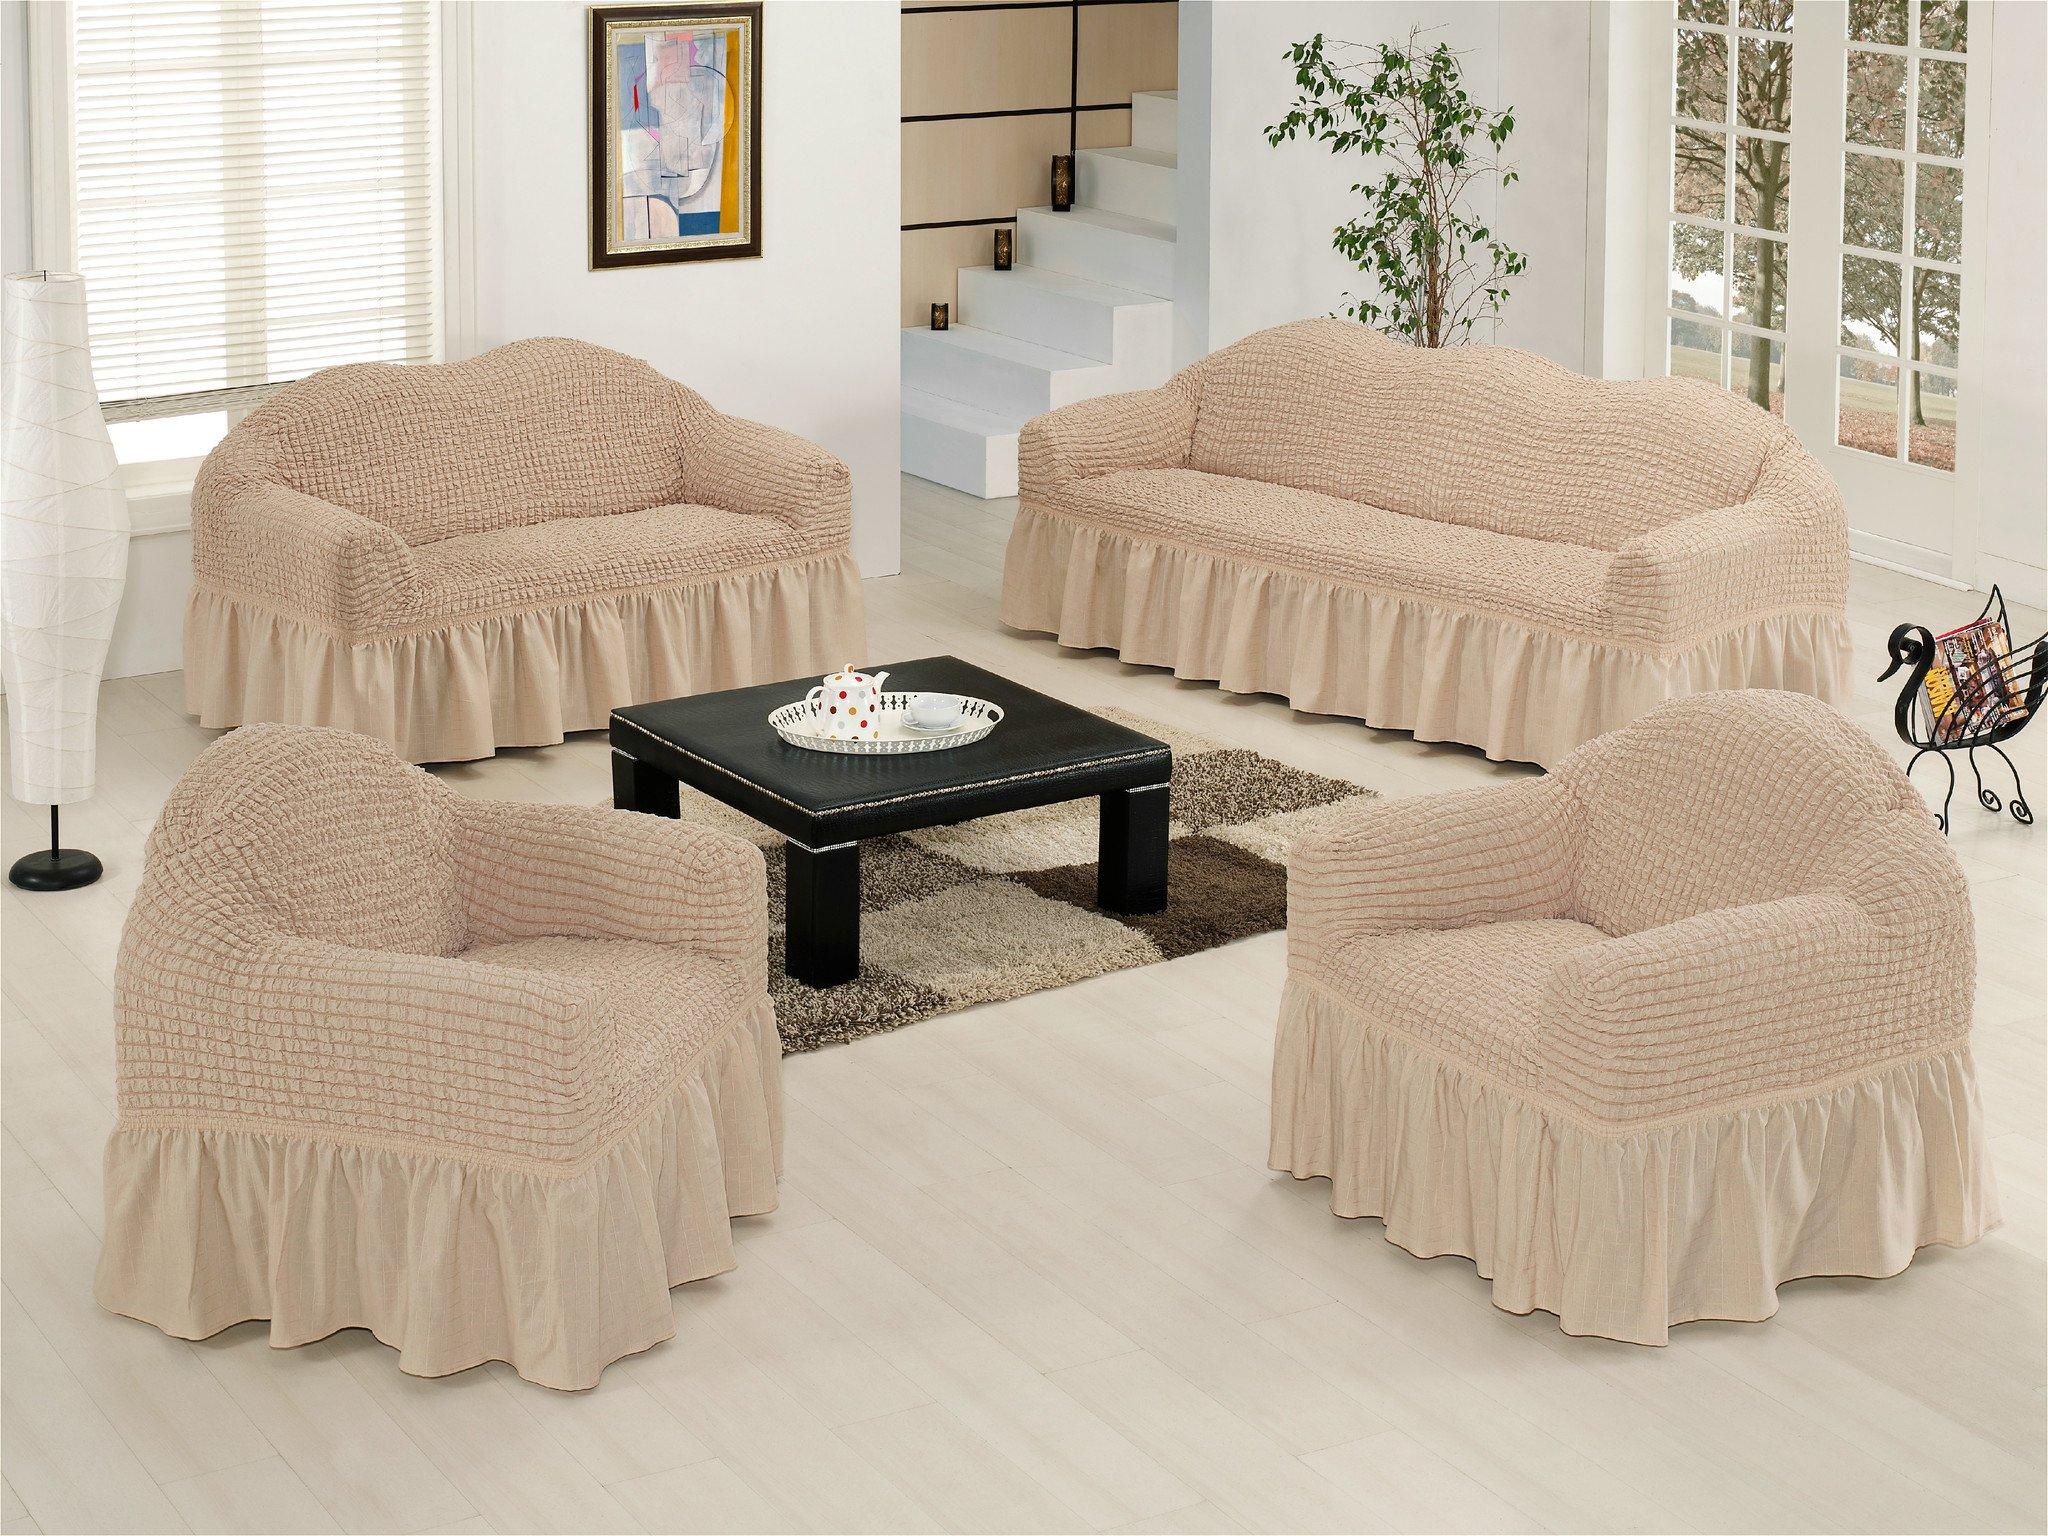 Ελαστικό κάλυμμα καναπέ 70% βαμβάκι 30% λύκρα σετ 3 τεμάχια Αίθριο-Εκρου-6+ Χρώμ καλύμματα επίπλων καλύμματα καναπέ σαλονιού   πολυθρόνας καλύμματα επίπλων καλύμ